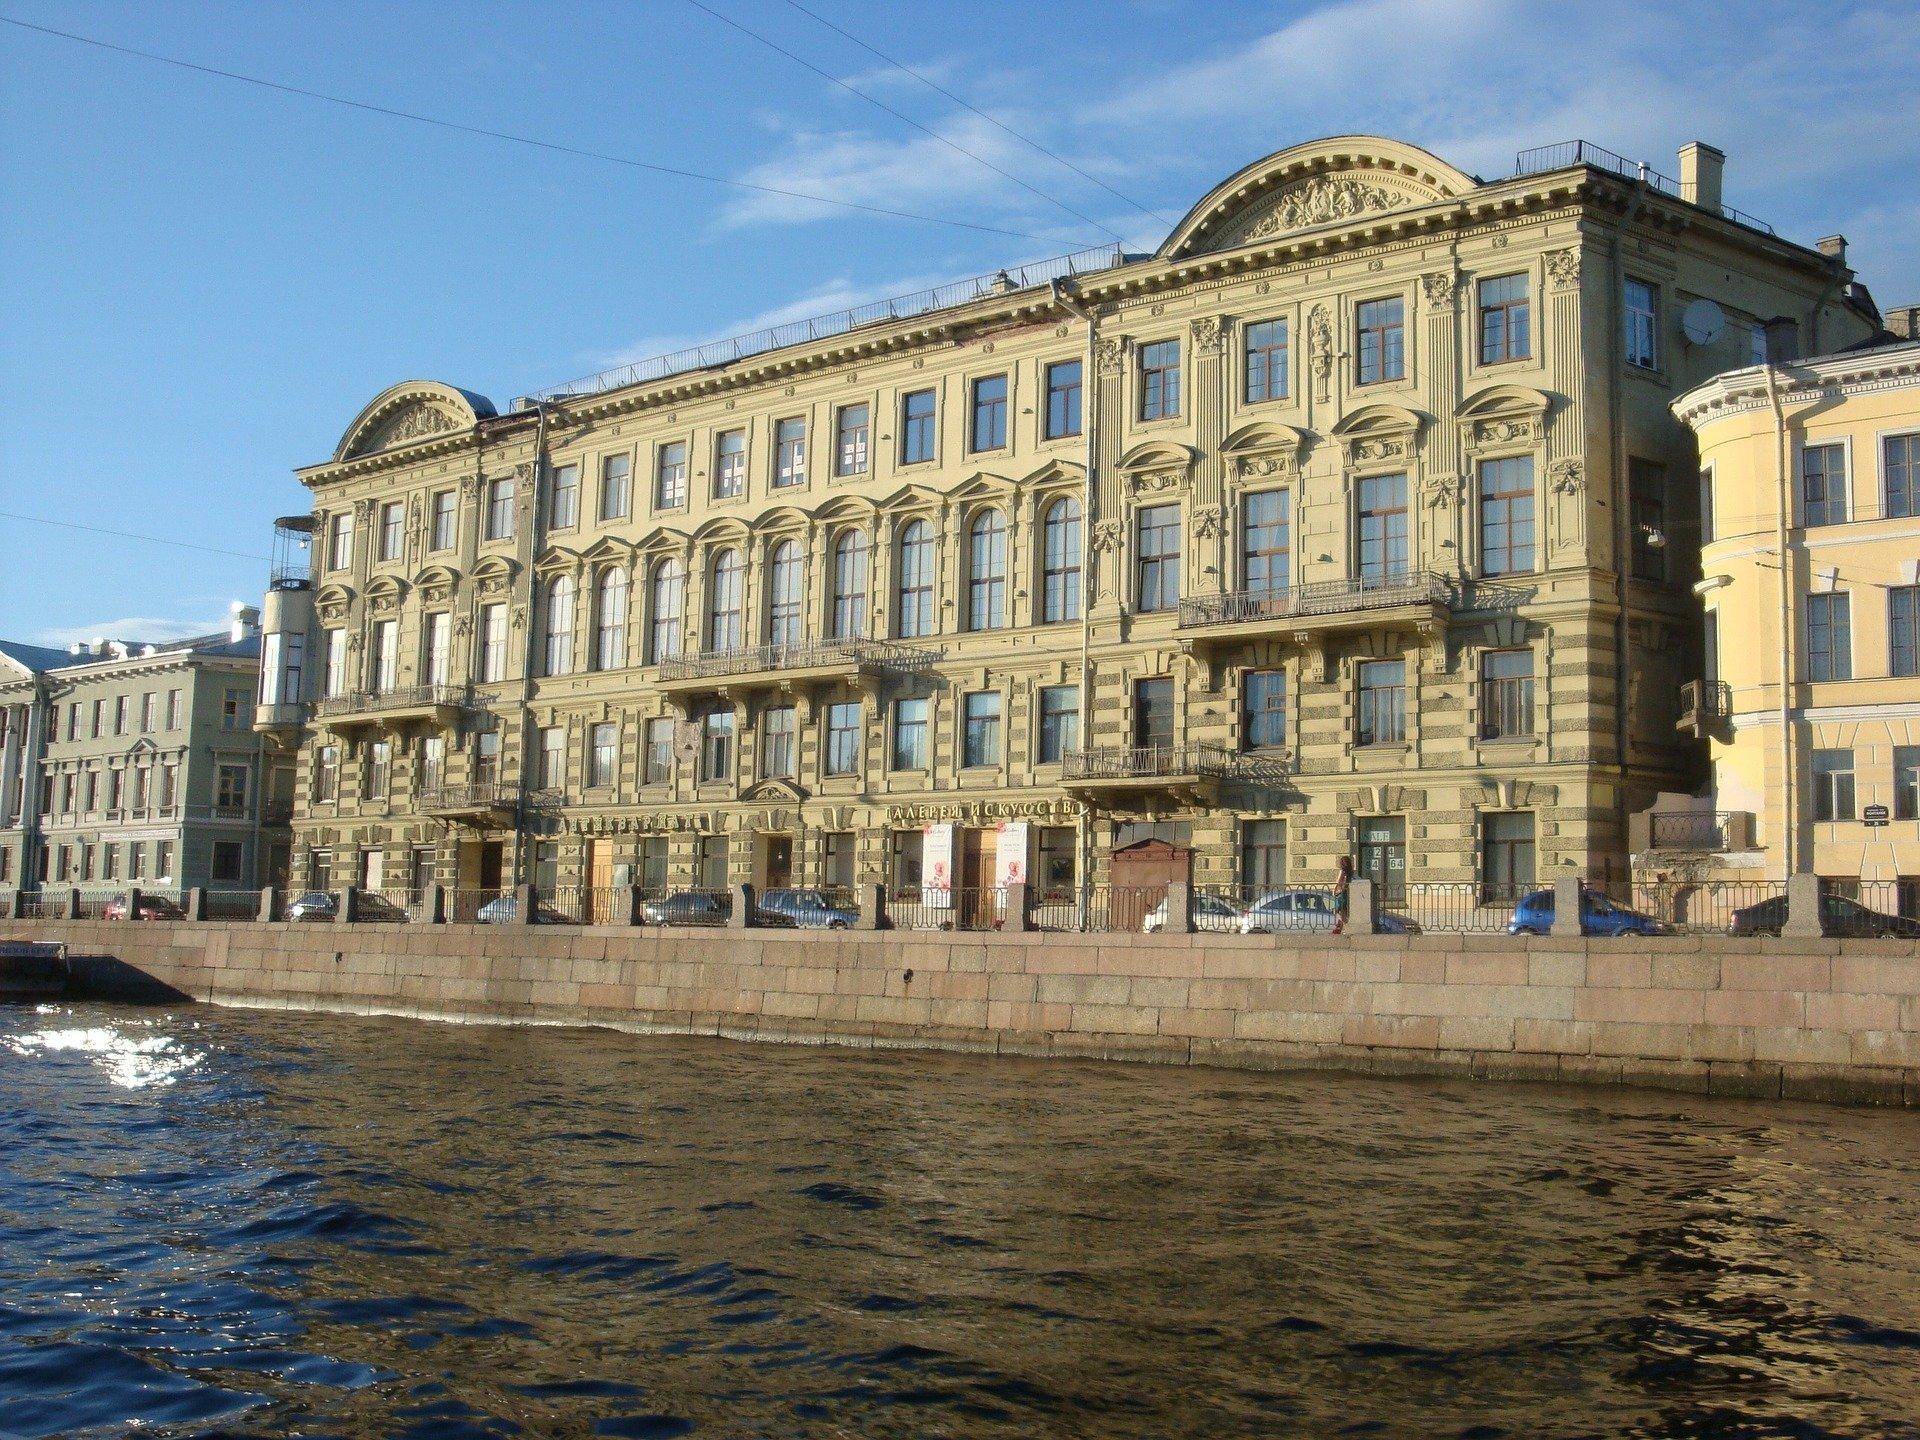 Где дешево остановиться в Санкт-Петербурге переночевать?